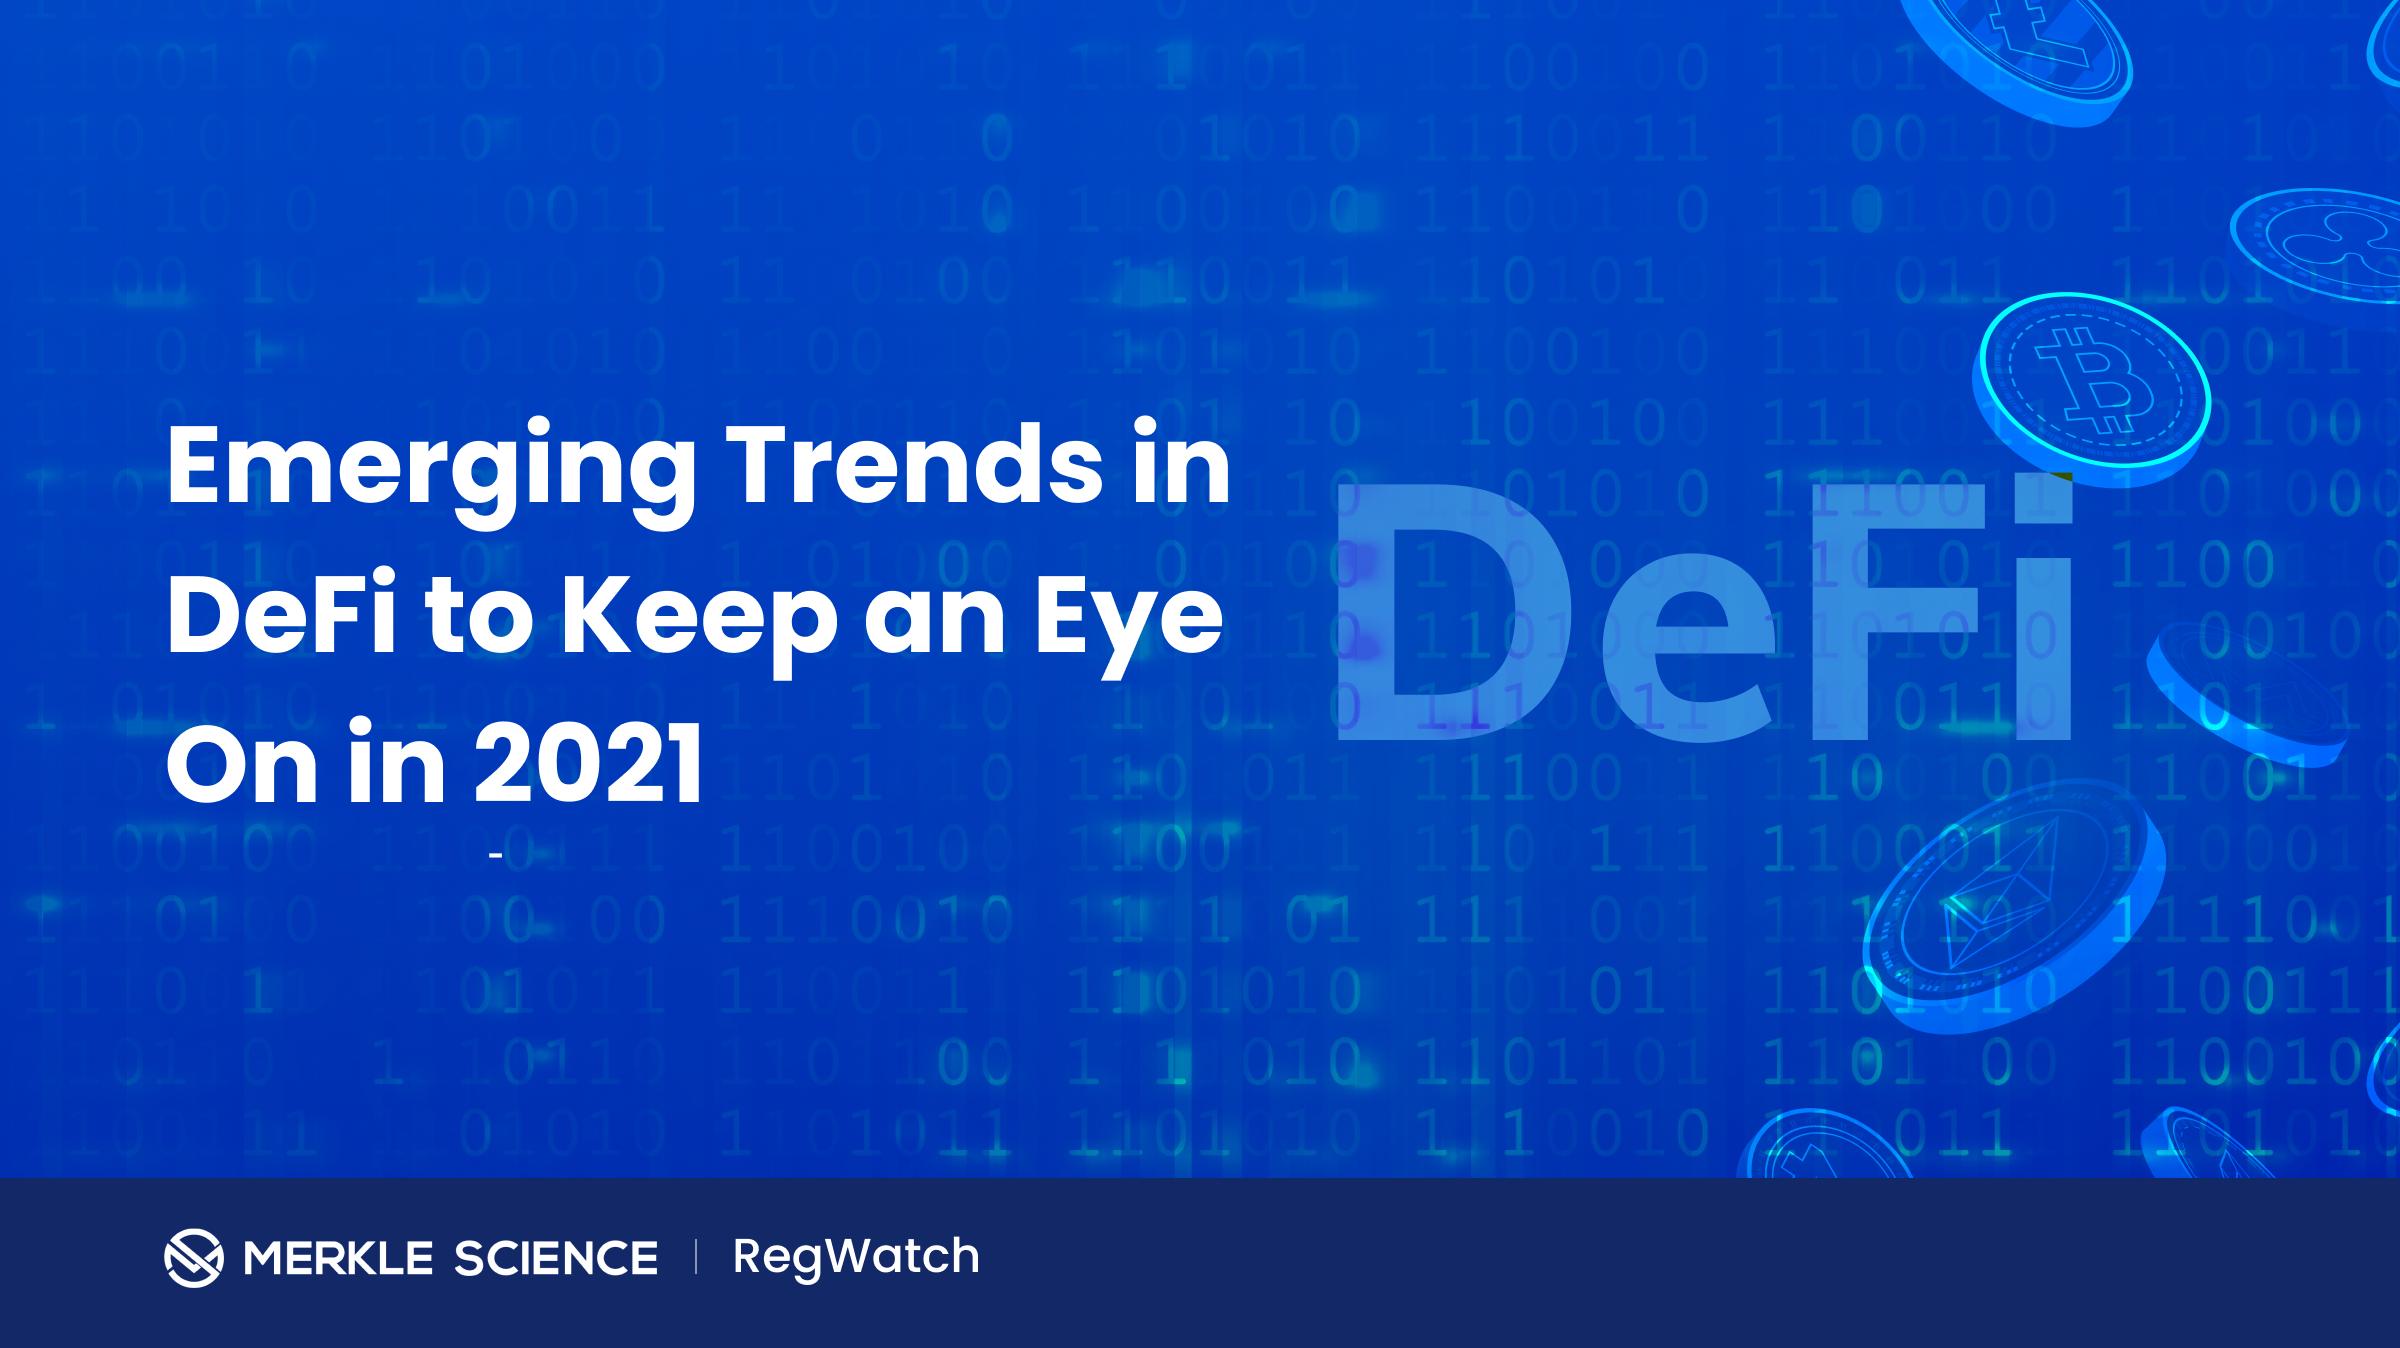 Top DeFi trends of 2021